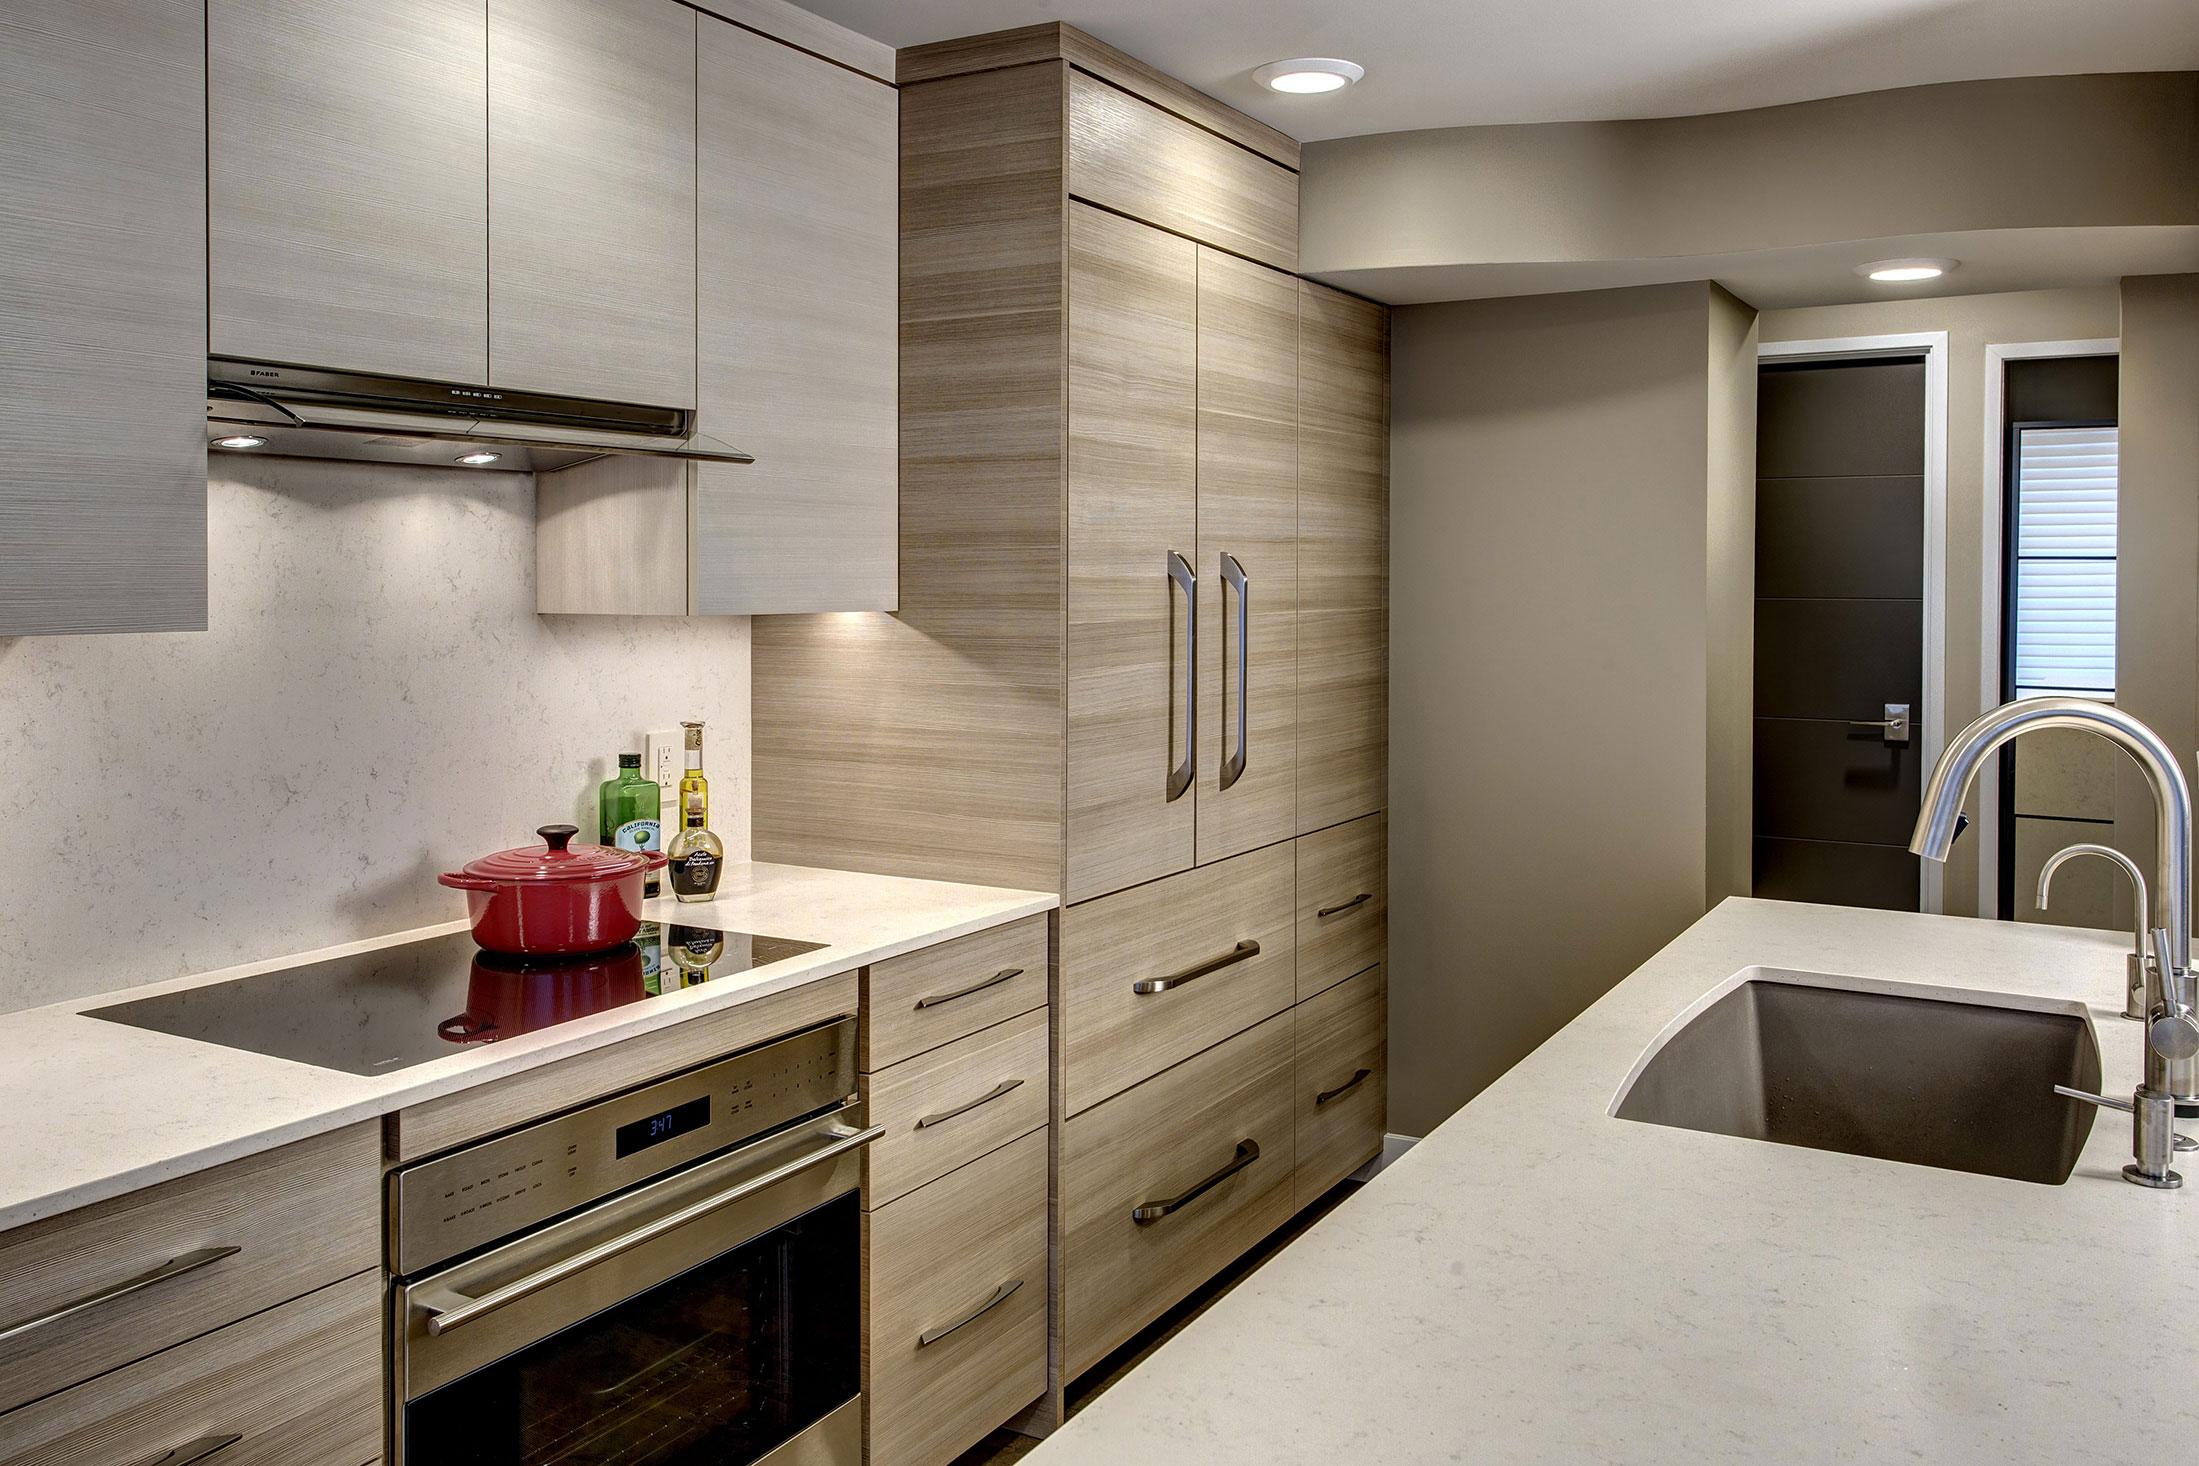 Kitchen02-min_6